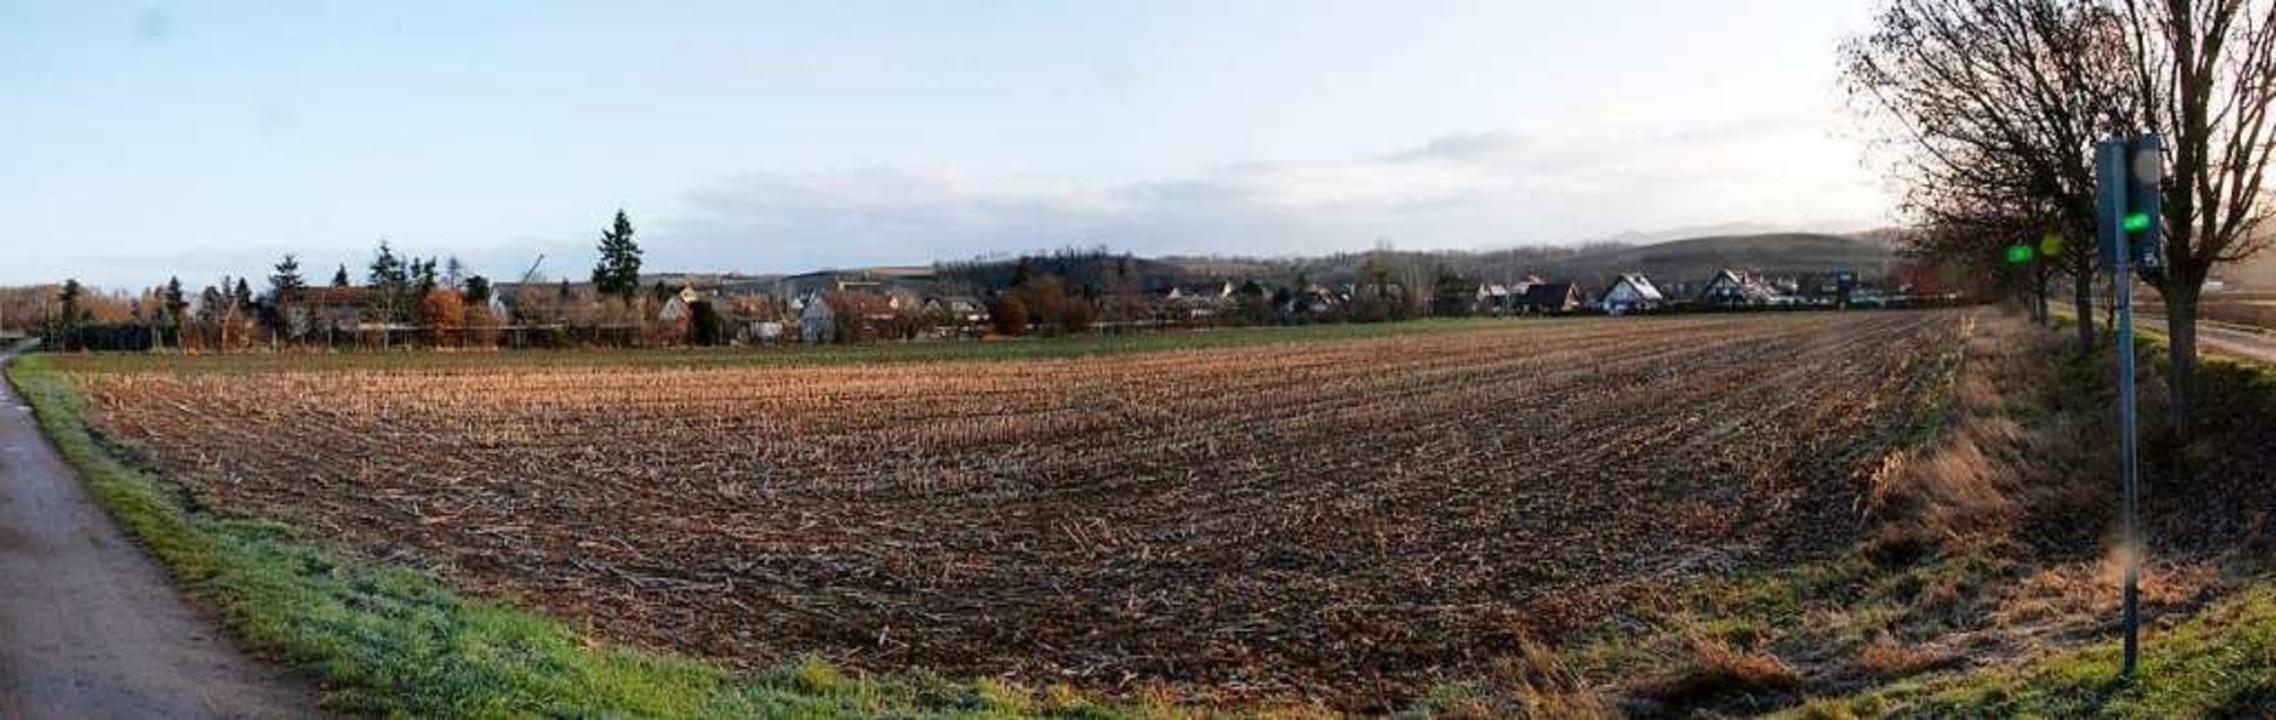 Wo heute noch Ackerfläche im Müllheime... bald ein Wohngebiet errichtet werden.  | Foto: Volker Münch